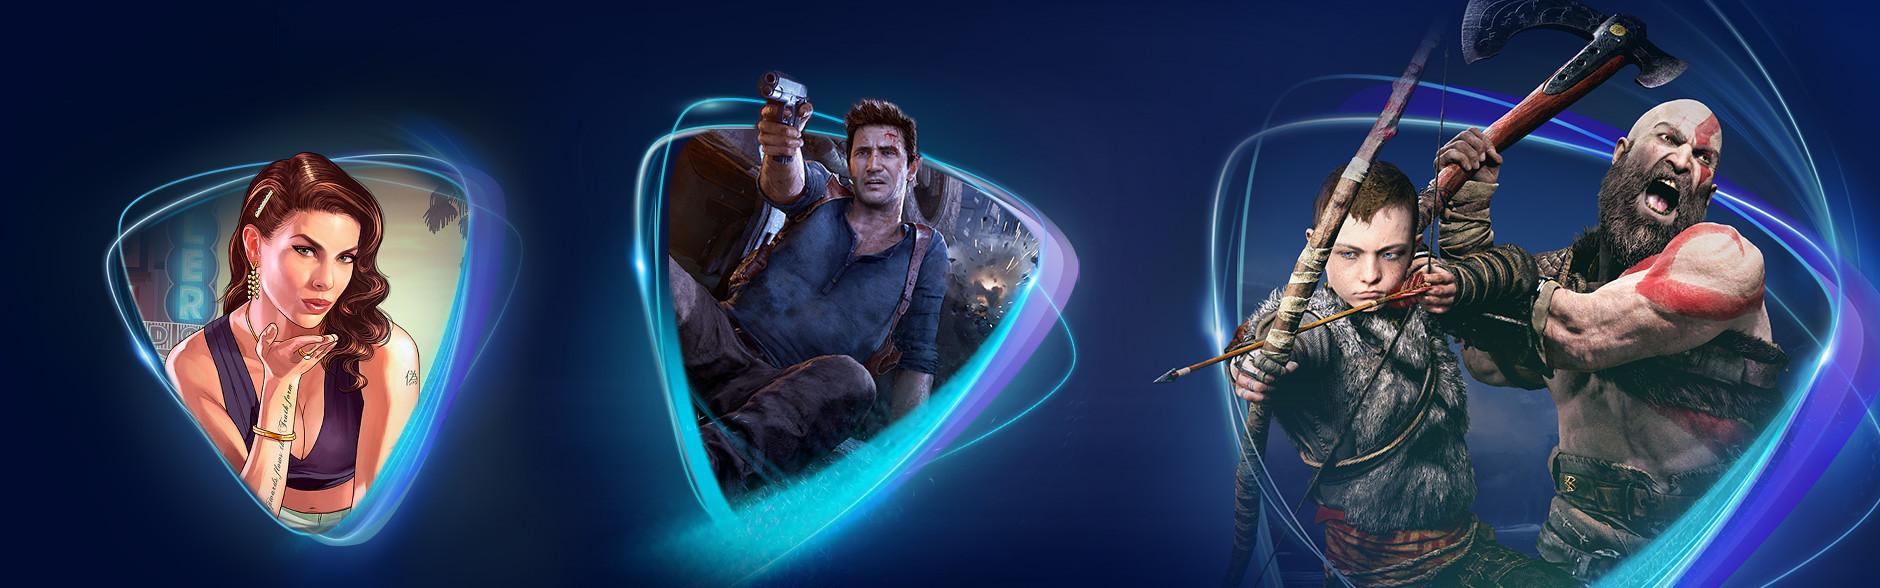 PlayStation Now - Suscripción 3 Meses código PSN España